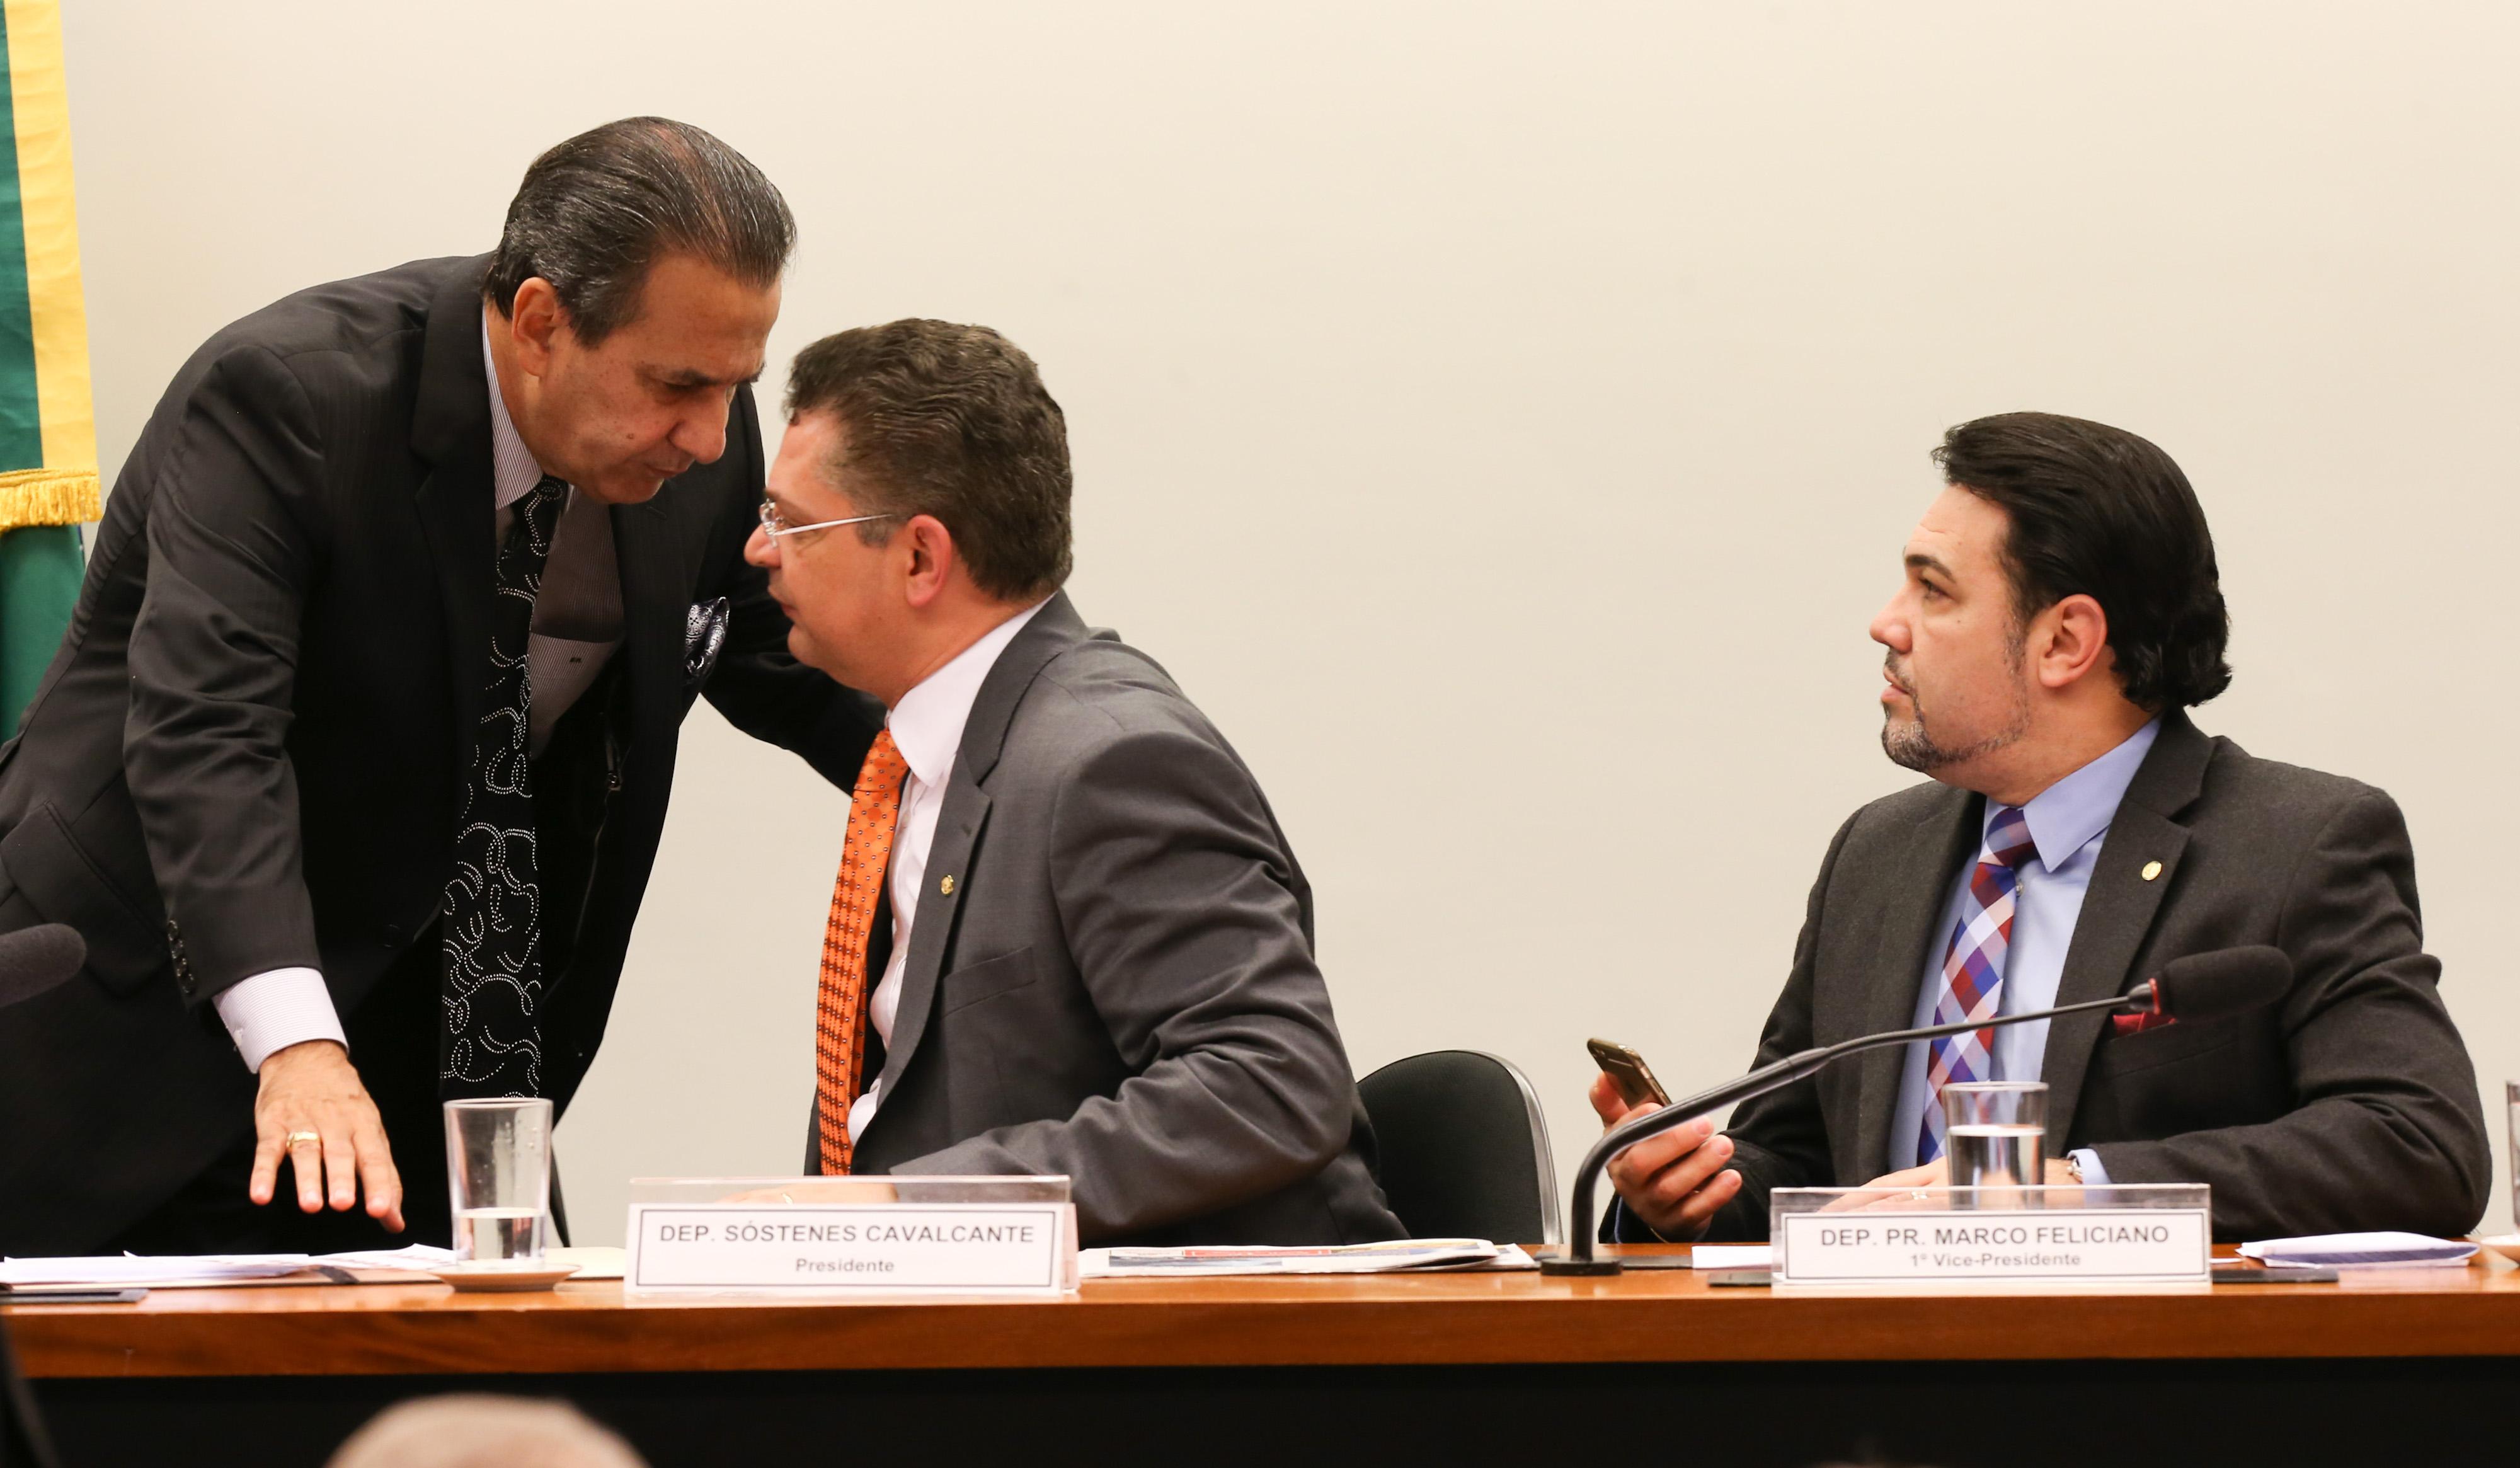 Pastor Malafaia, na Comissão especial sobre o Estatuto da Família, conversa com o dep. Sóstenes Cavalcanti, ao lado do dep. Marco Feliciano.